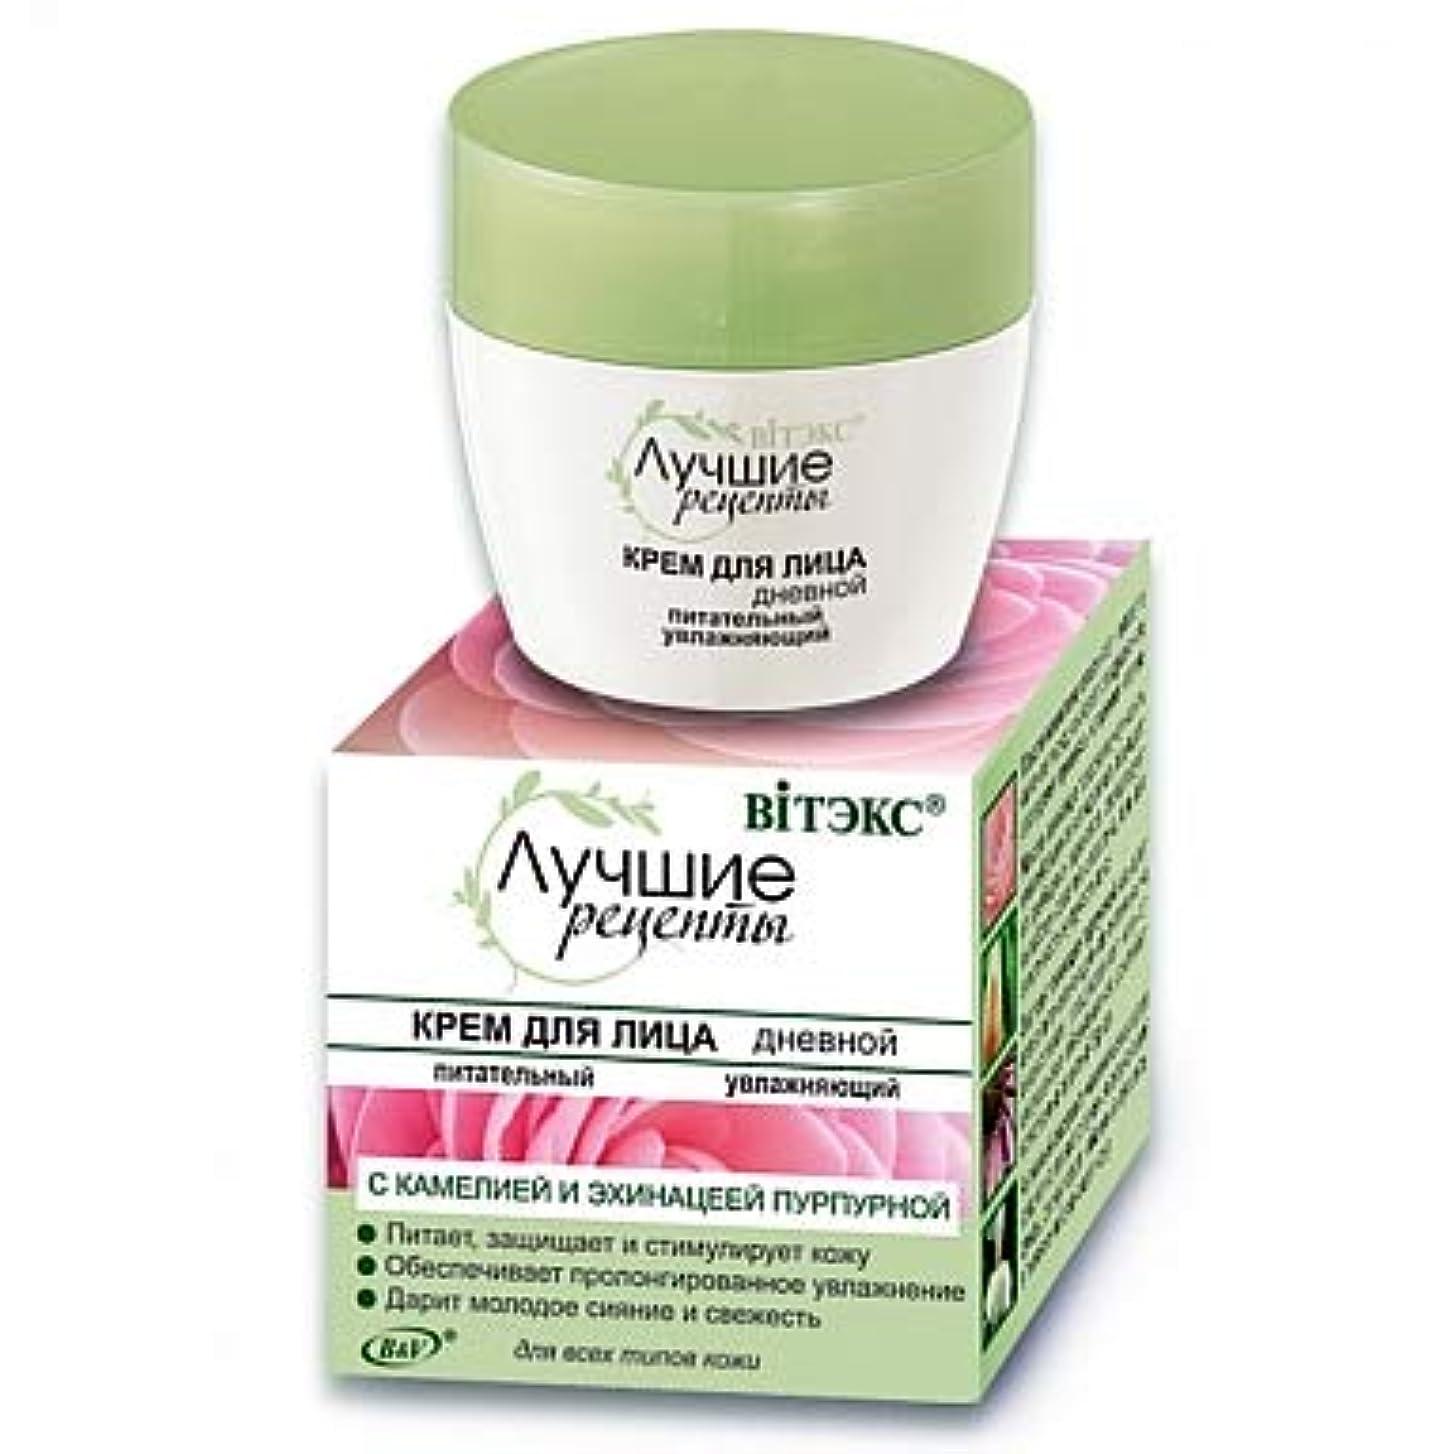 請求書インチワードローブBielita & Vitex Best Recipes Line | Nourishing Moisturizing Day Face Cream for All Skin Types, 45 ml | Camellia...